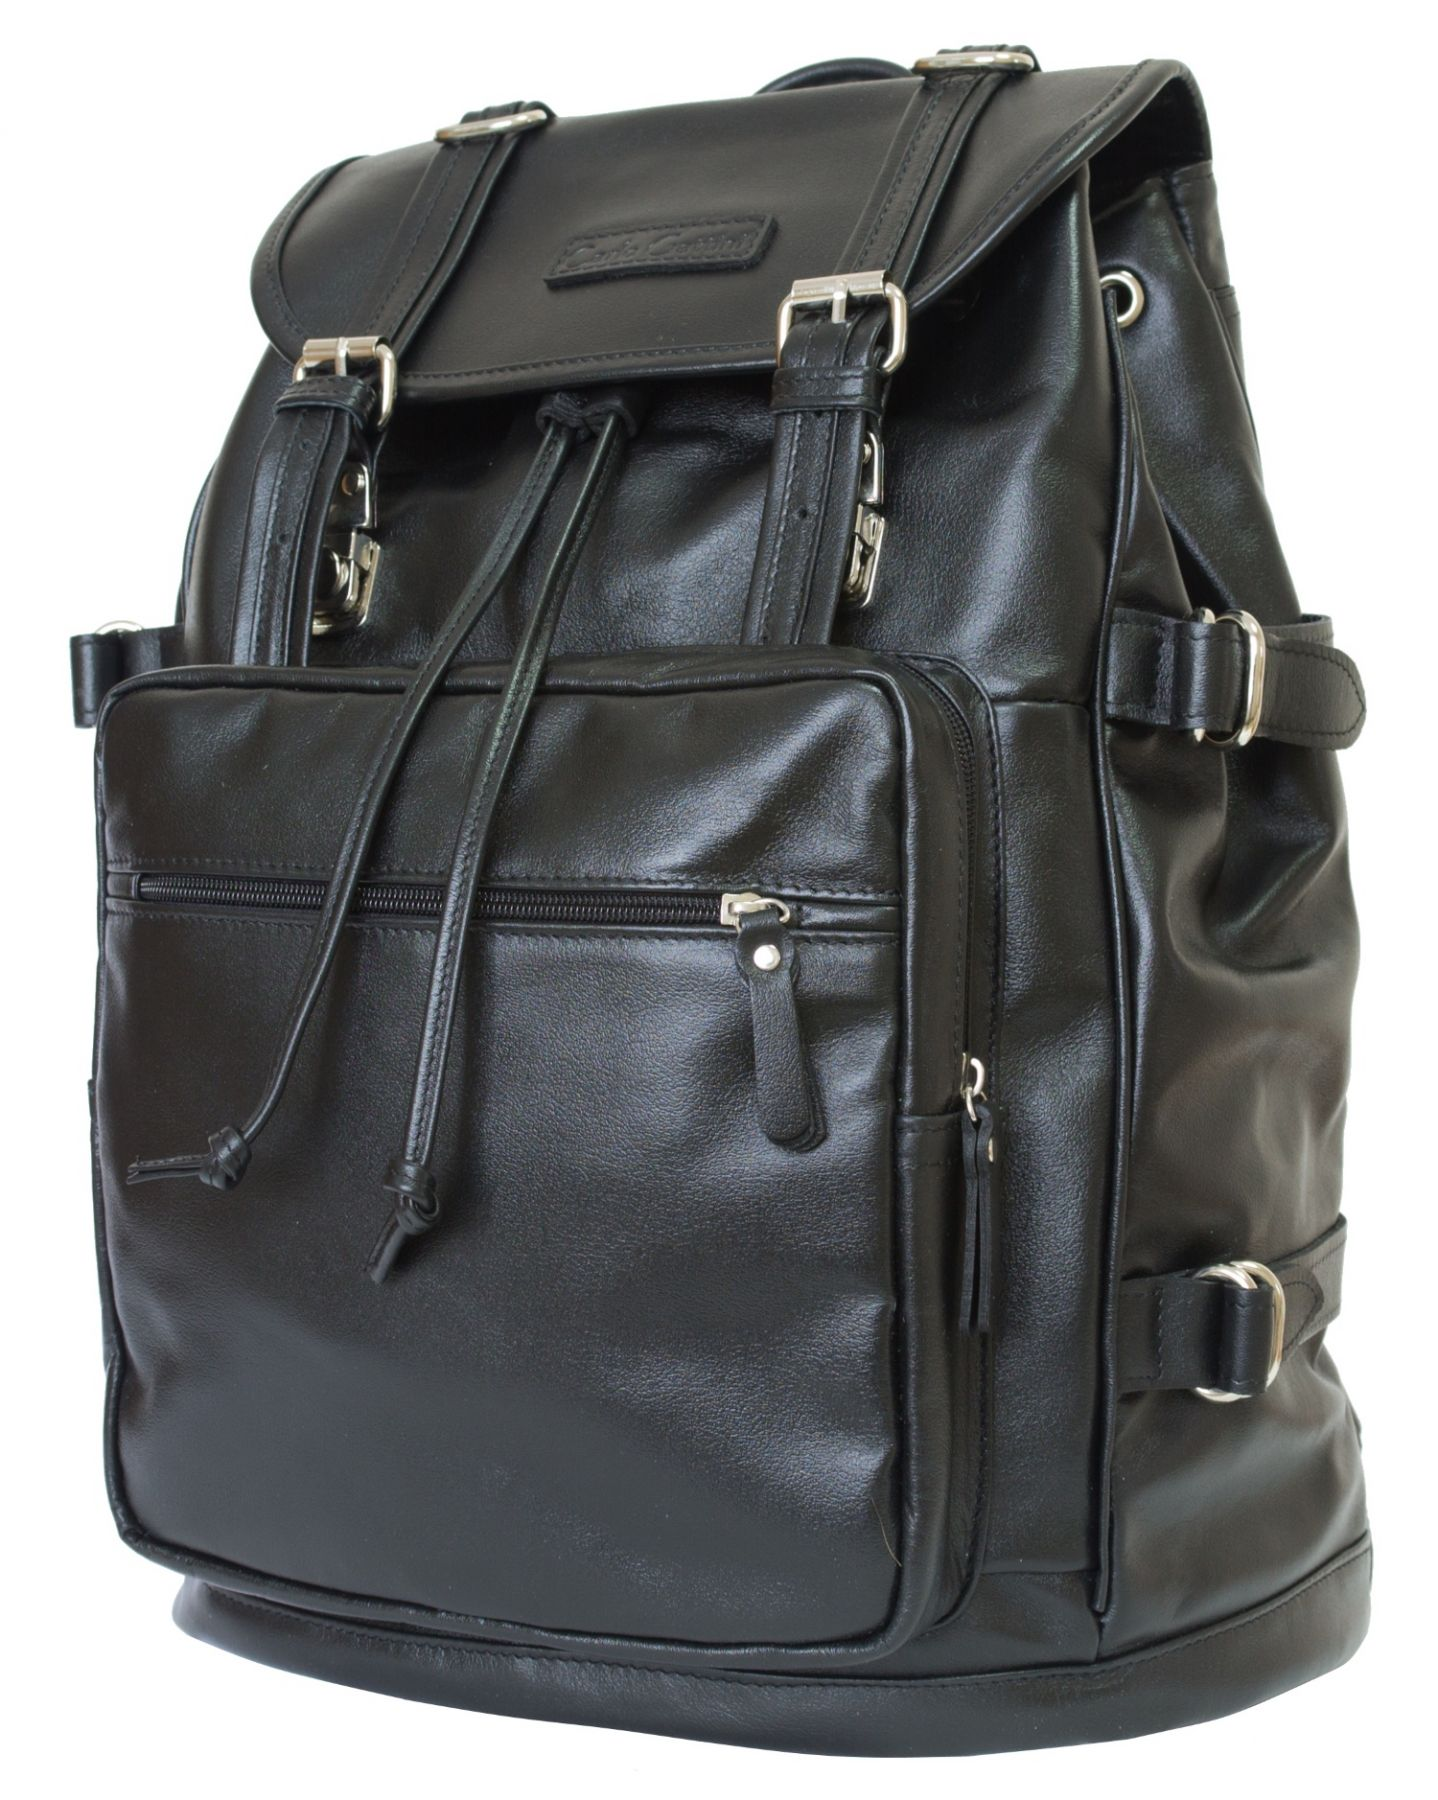 68a669b05fab Кожаный рюкзак Carlo Gattini Volturno black Хит. ‹ ›